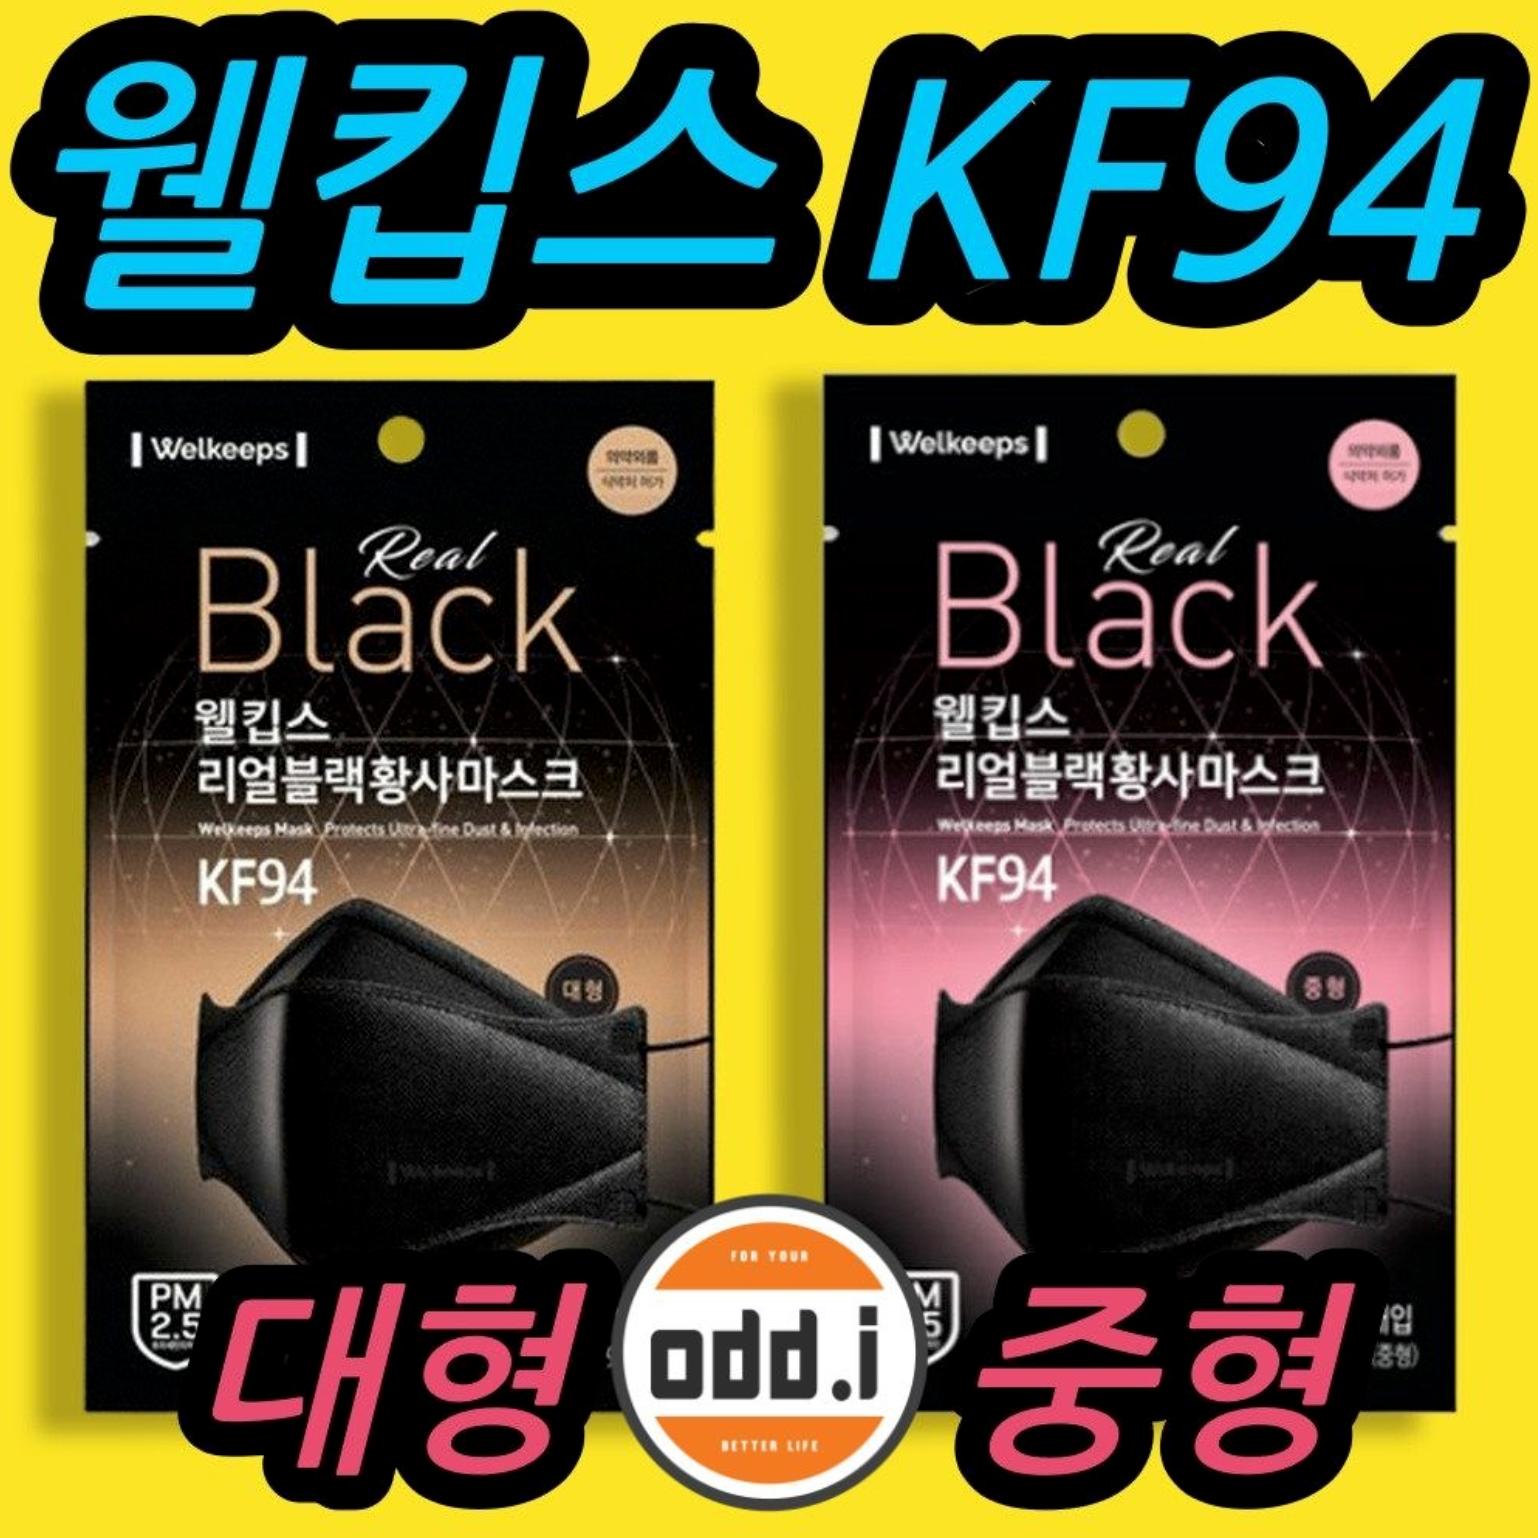 [재입고]오디디아이 성인용 웰킵스마스크 kf94블랙 중형 대형, 5매입, 2번